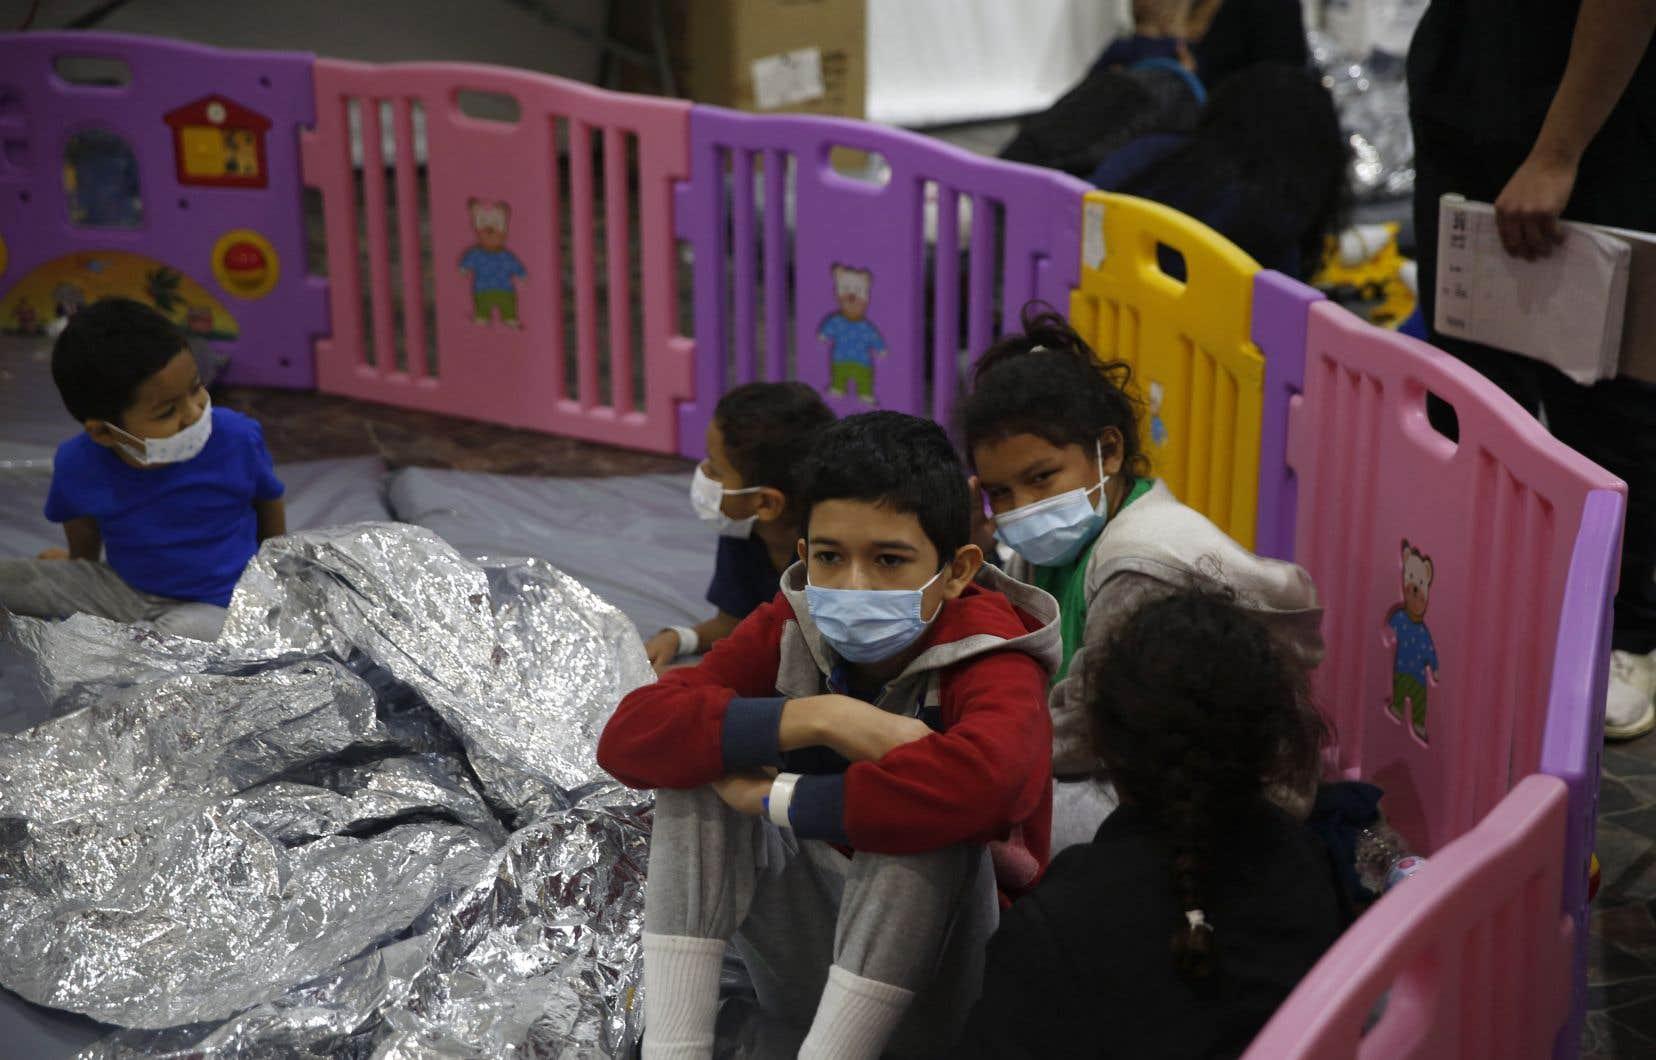 Parmi les migrants se trouvent de plus en plus de mineurs isolés, dont le nombre a doublé sur un mois, passant d'environ 9400 à plus de 18600, d'après les chiffres des services des douanes et des gardes-frontières (CBP).